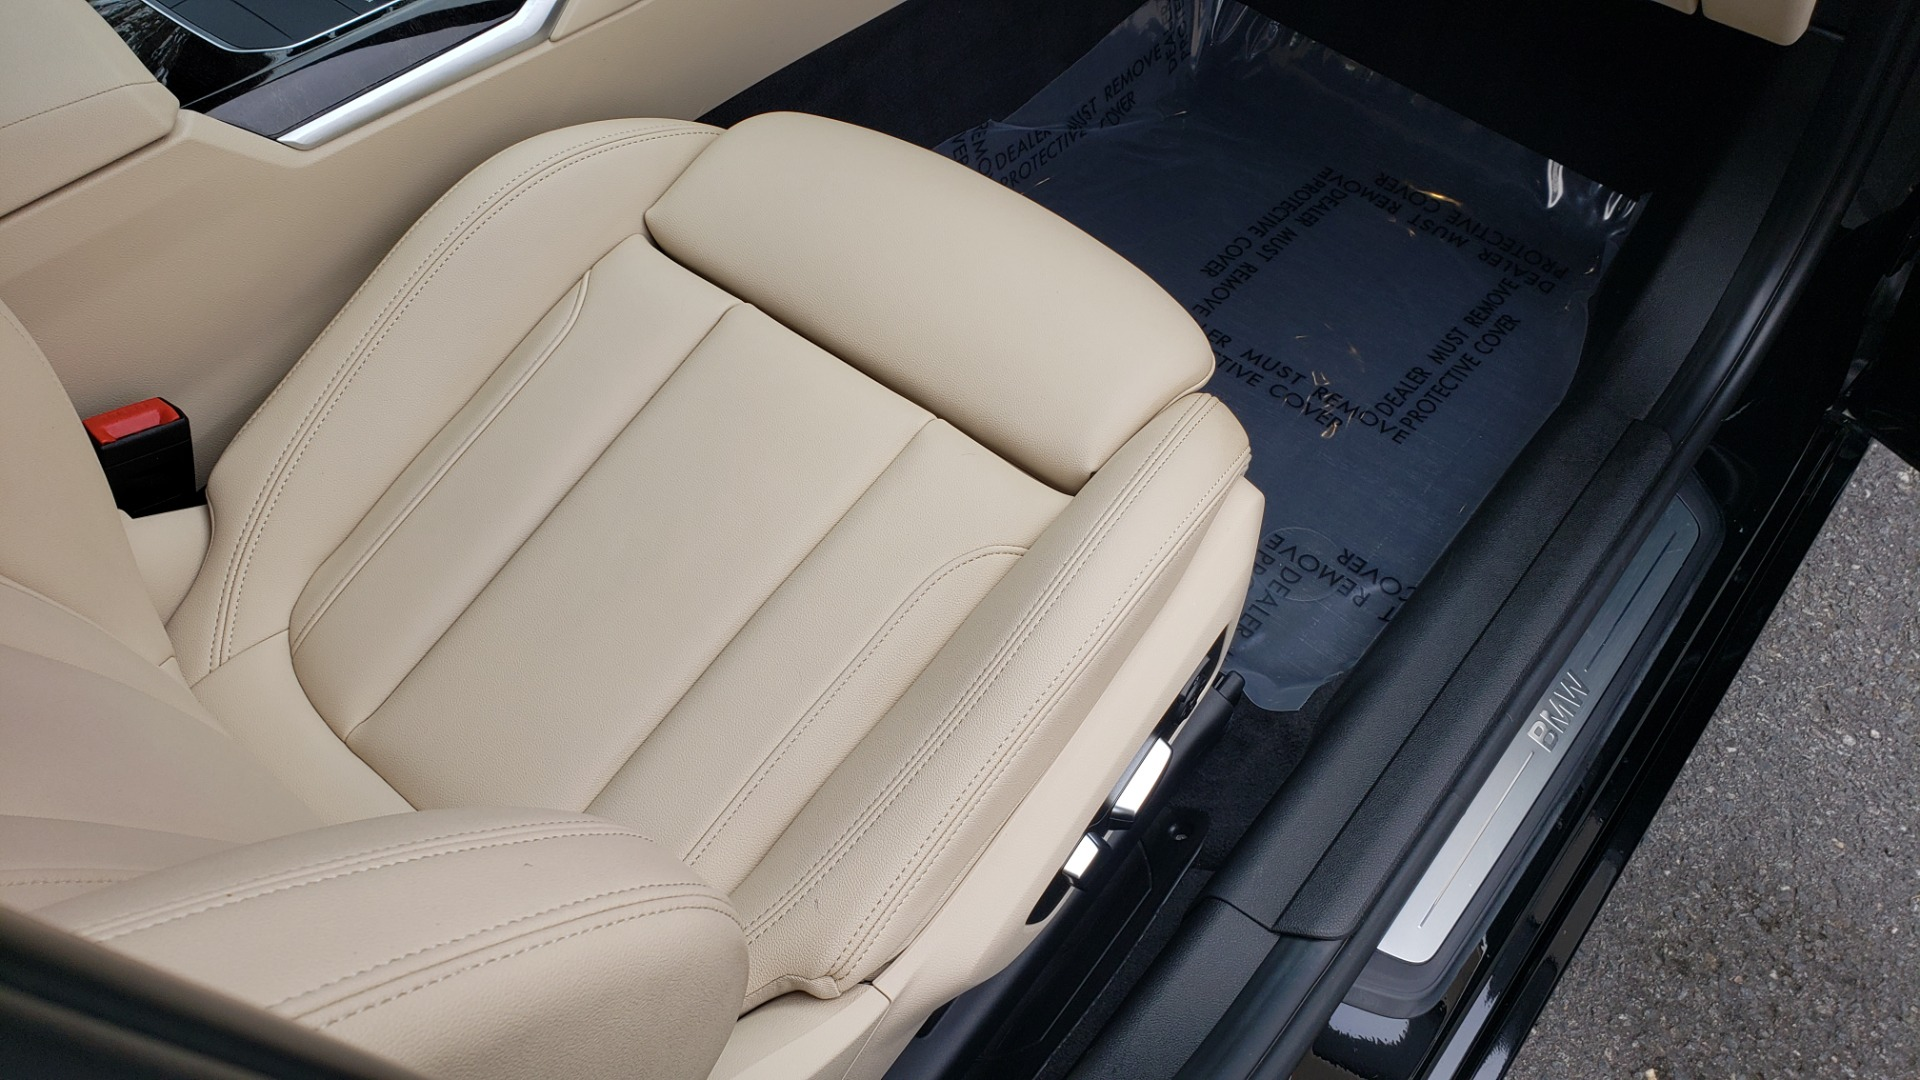 Used 2019 BMW 3 SERIES 330I PREM PKG / NAV / CONV PKG / H&K SND / LIVE COCKPIT PRO for sale Sold at Formula Imports in Charlotte NC 28227 69